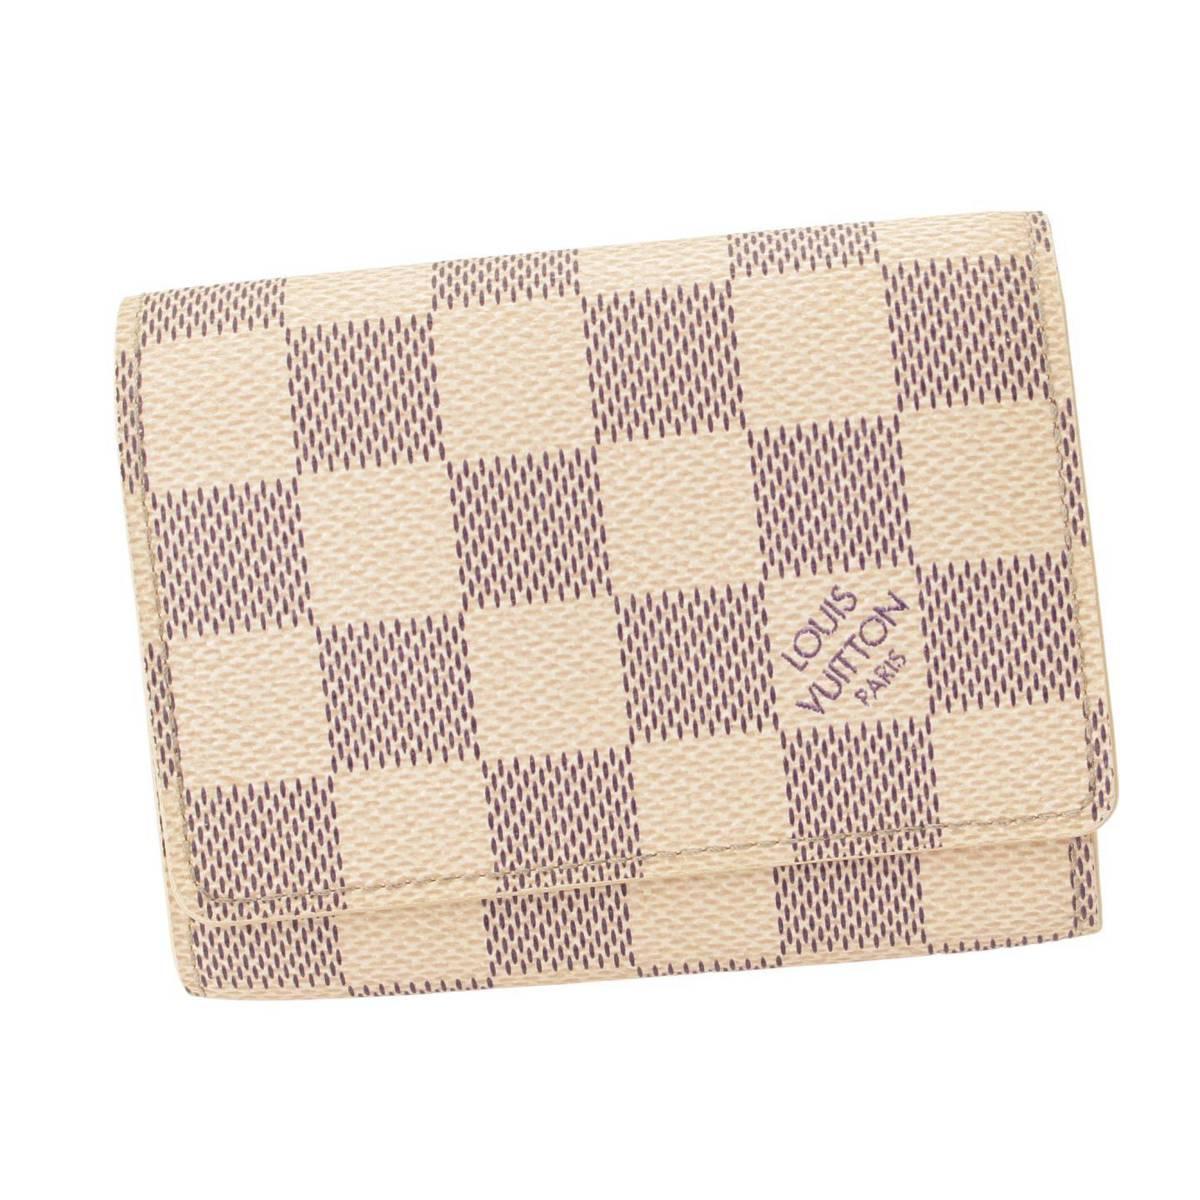 ルイヴィトン Louis Vuitton ダミエアズール アンヴェロップカルトドゥヴィジット カードケース 名刺入れ 売店 上等 120124 N61746 正規品保証 中古 鑑定済 グレー アイボリー